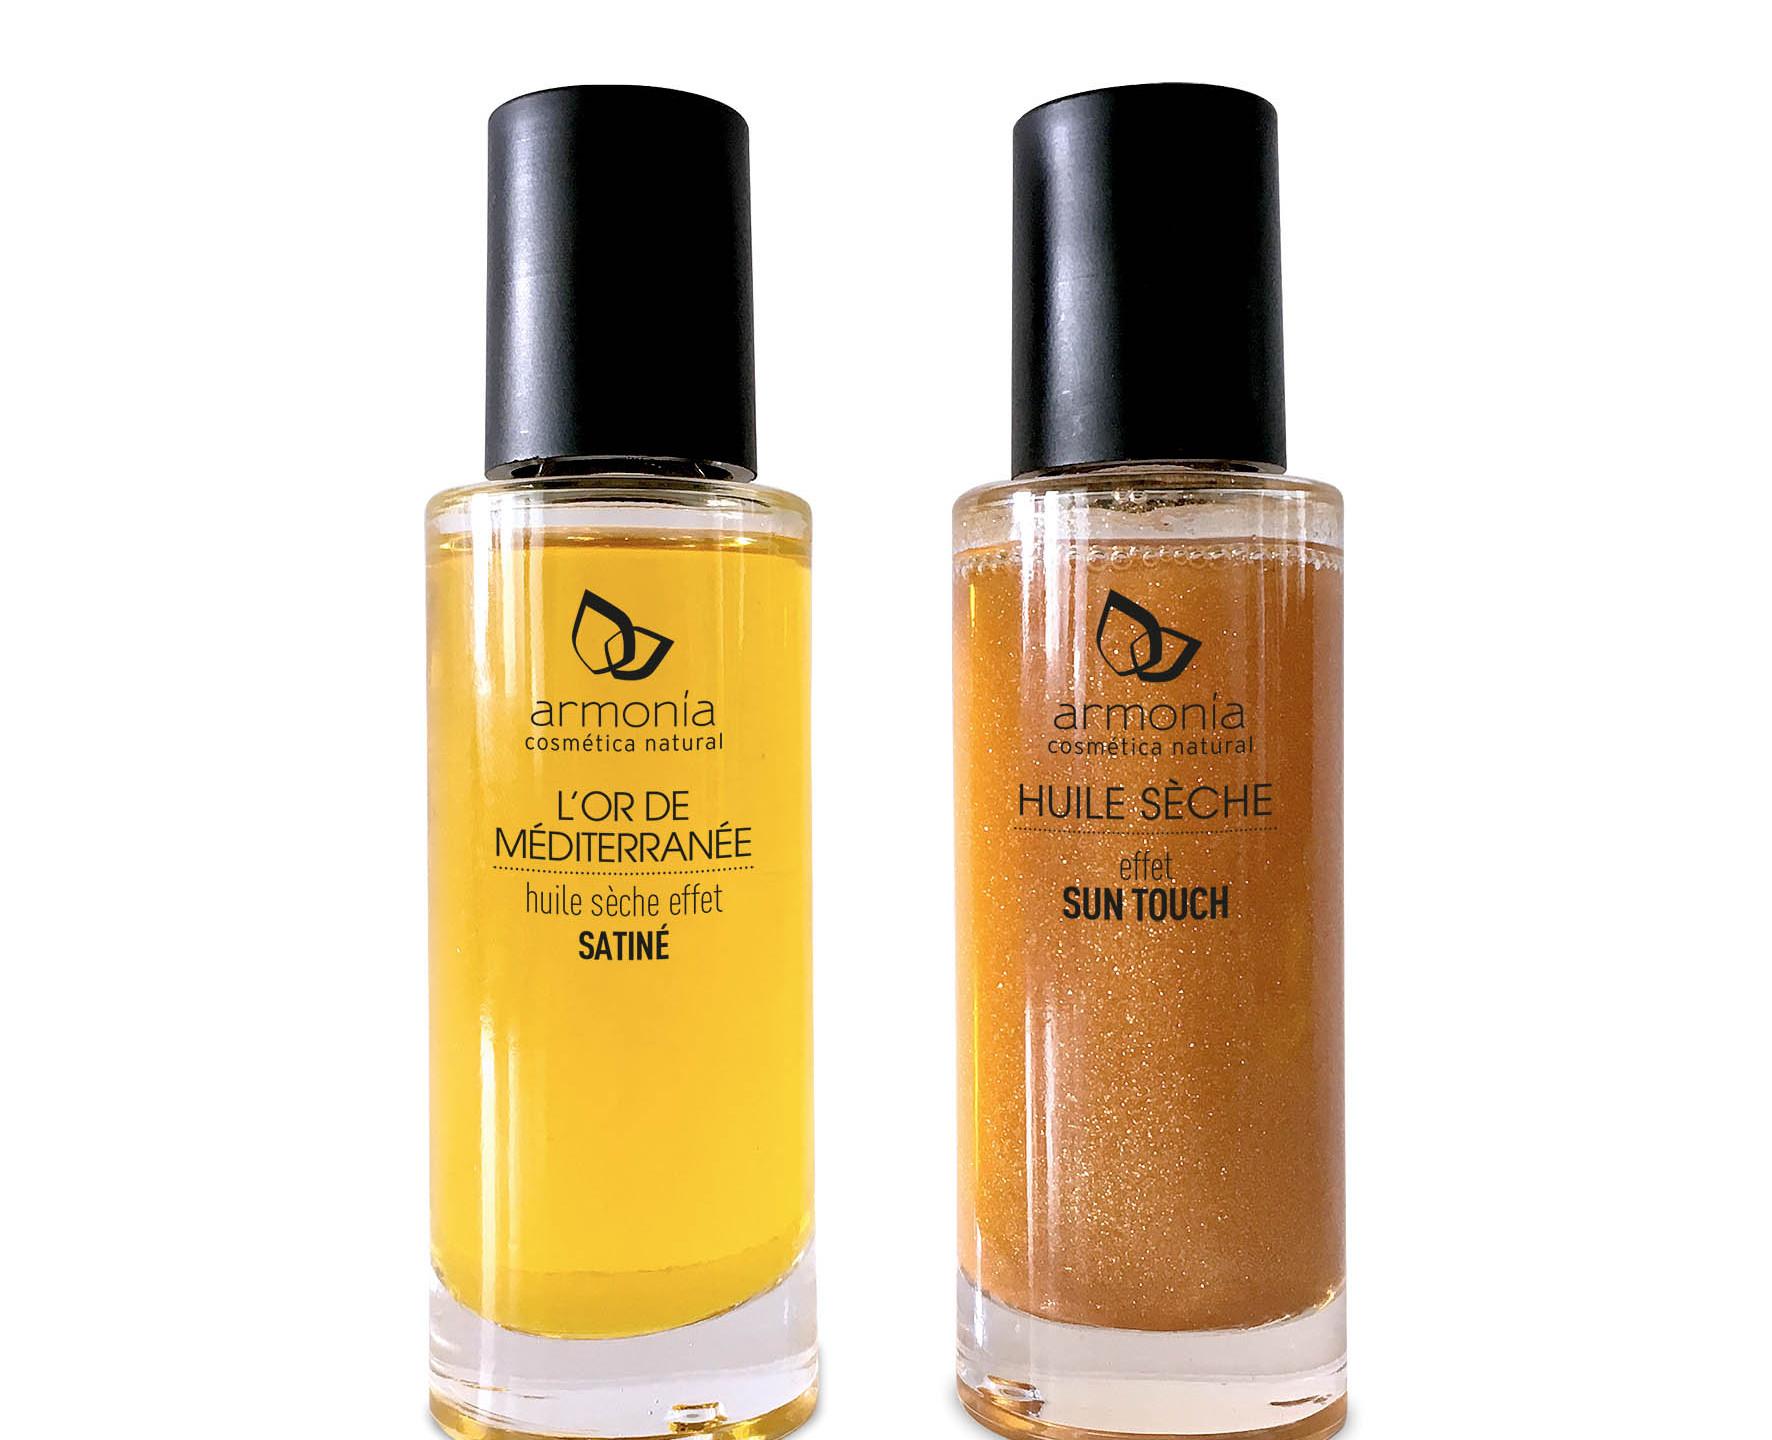 """Los aceites secos """"Sun Touch"""" y efecto satinado de Armonía Cosmética Natural están compuestos de aceites tradicionales naturales reparadores, como el de oliva y argán, y nutritivos, como el de sésamo y almendras dulces. Además, su textura es ligera y de rápida absorción. (9,50€/Ud.)"""